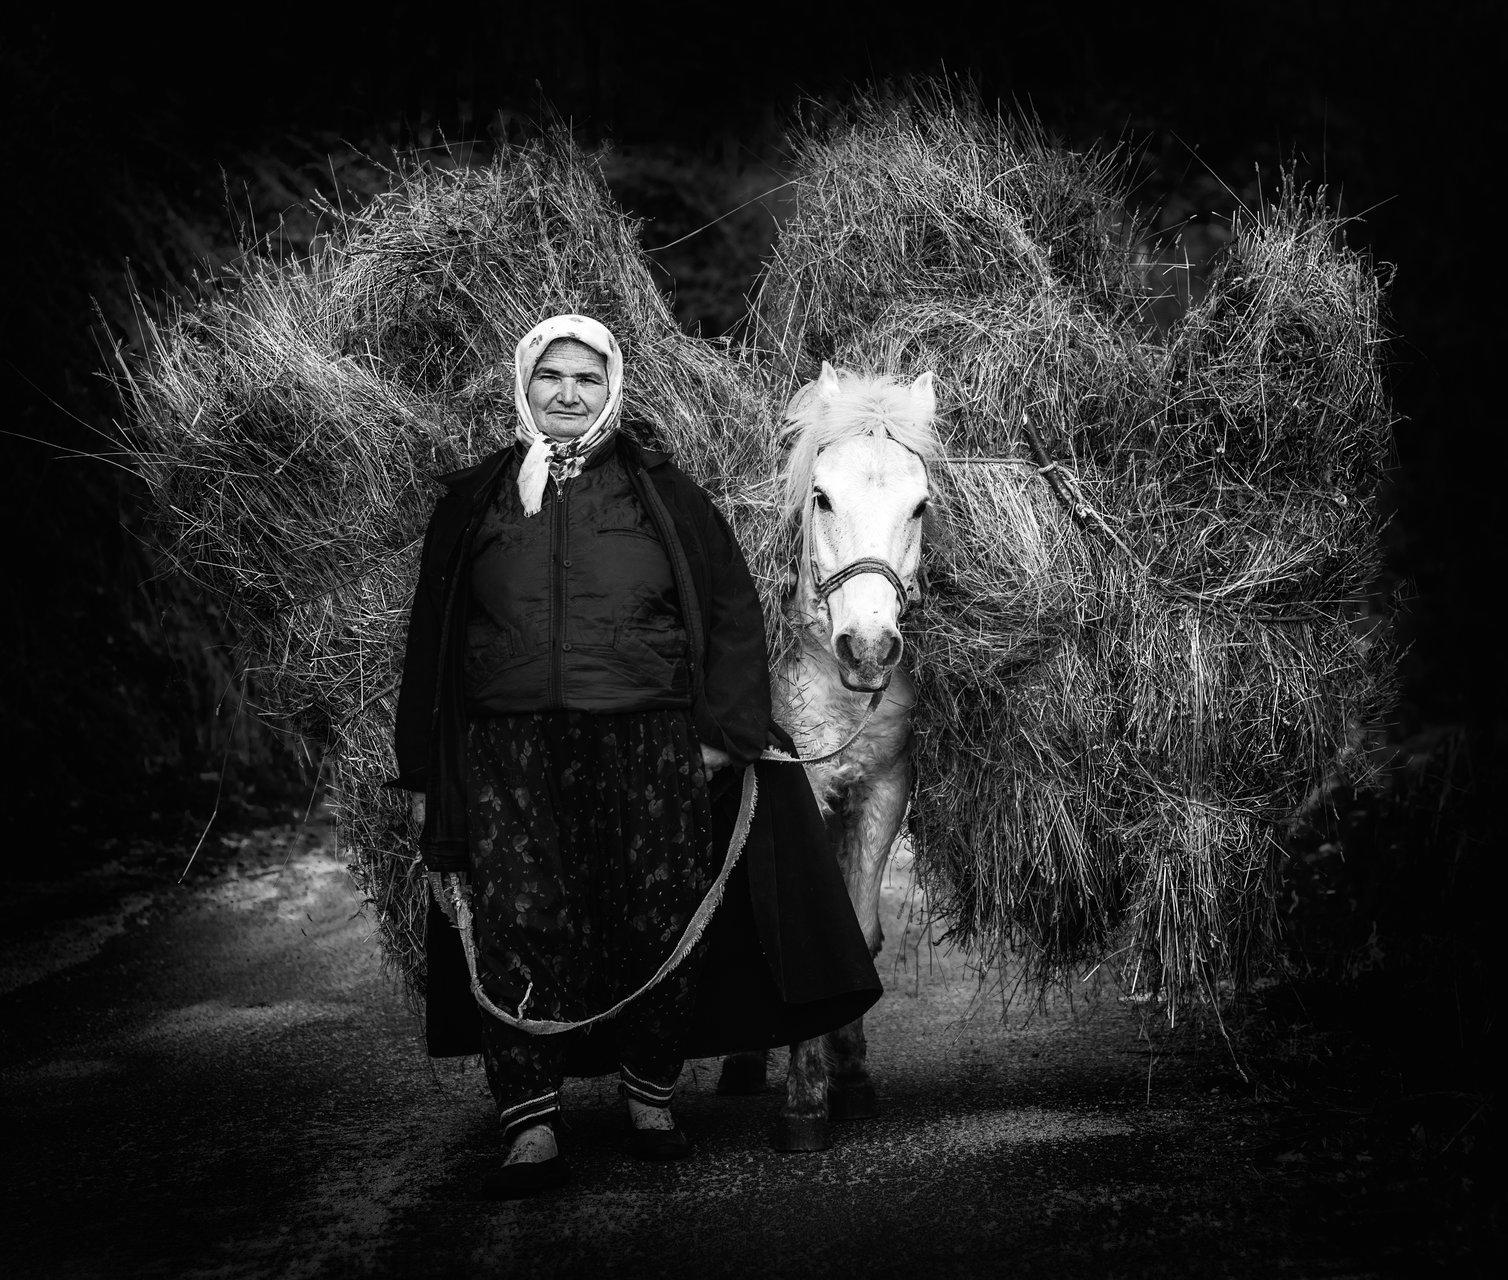 Photo in Daily round | Author Nadezhda Raycheva - sunnyhope | PHOTO FORUM